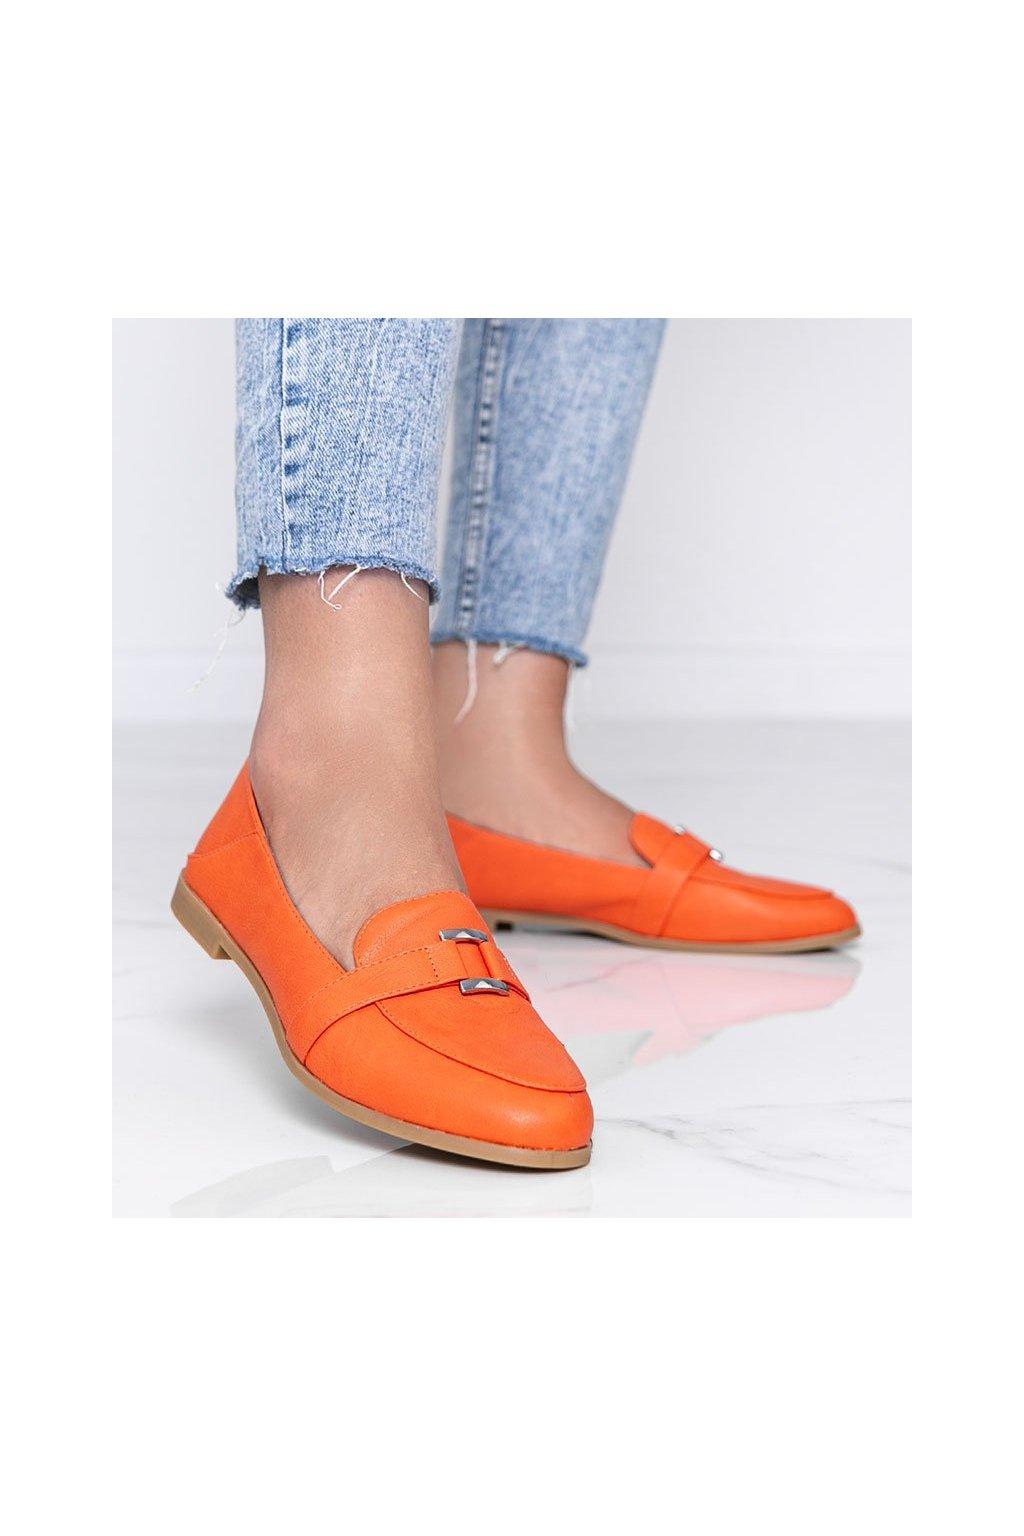 Dámske topánky mokasíny oranžové kód 4585 - GM